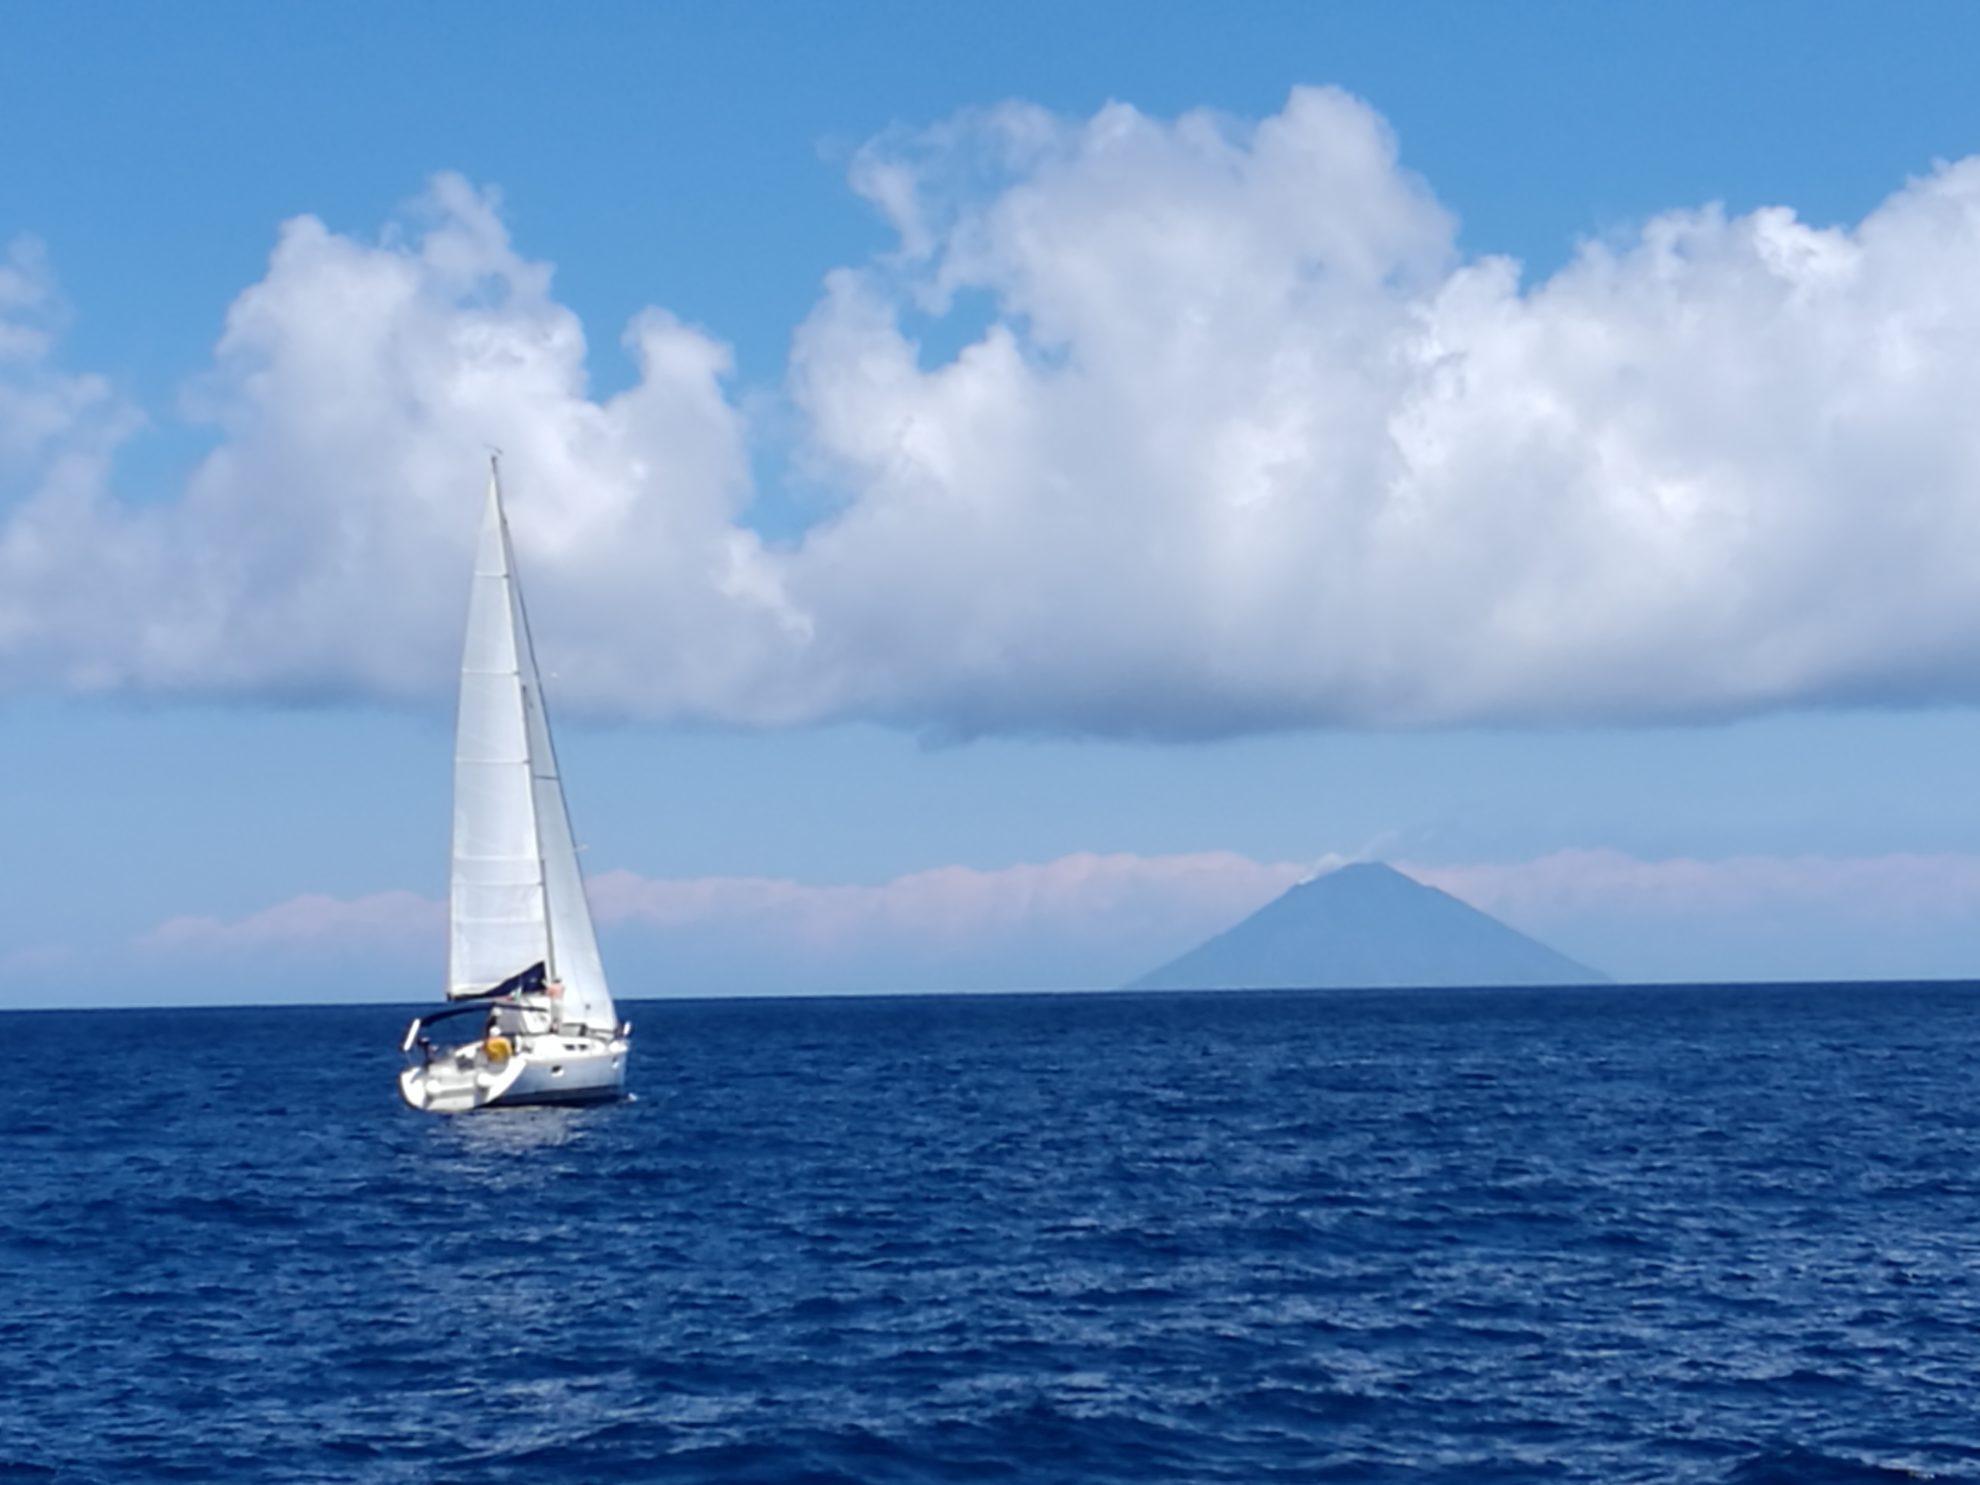 Яхта направляется на остров Стромболи. Сицилия. Регата OML. Фото: А.Подколзин